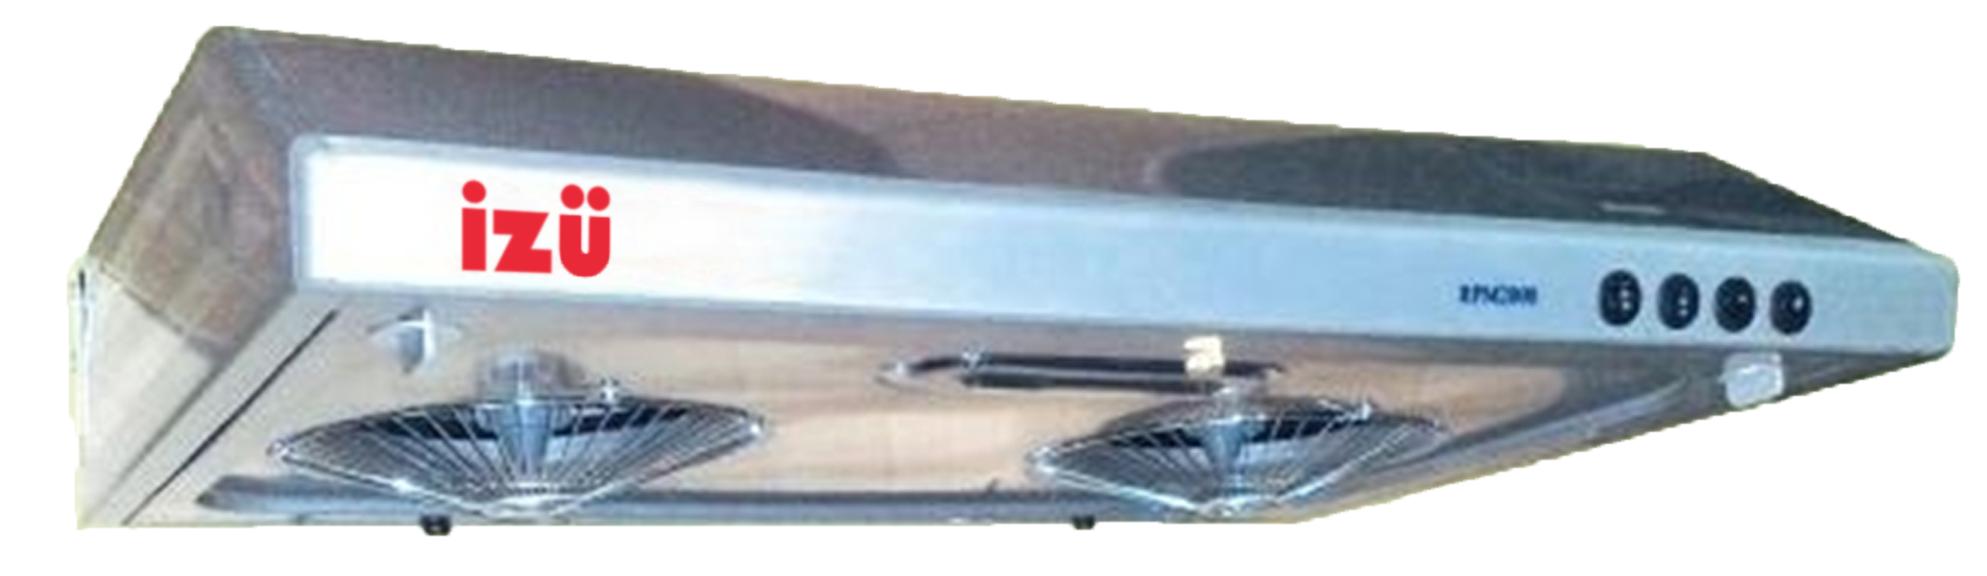 RPM2800S IZU